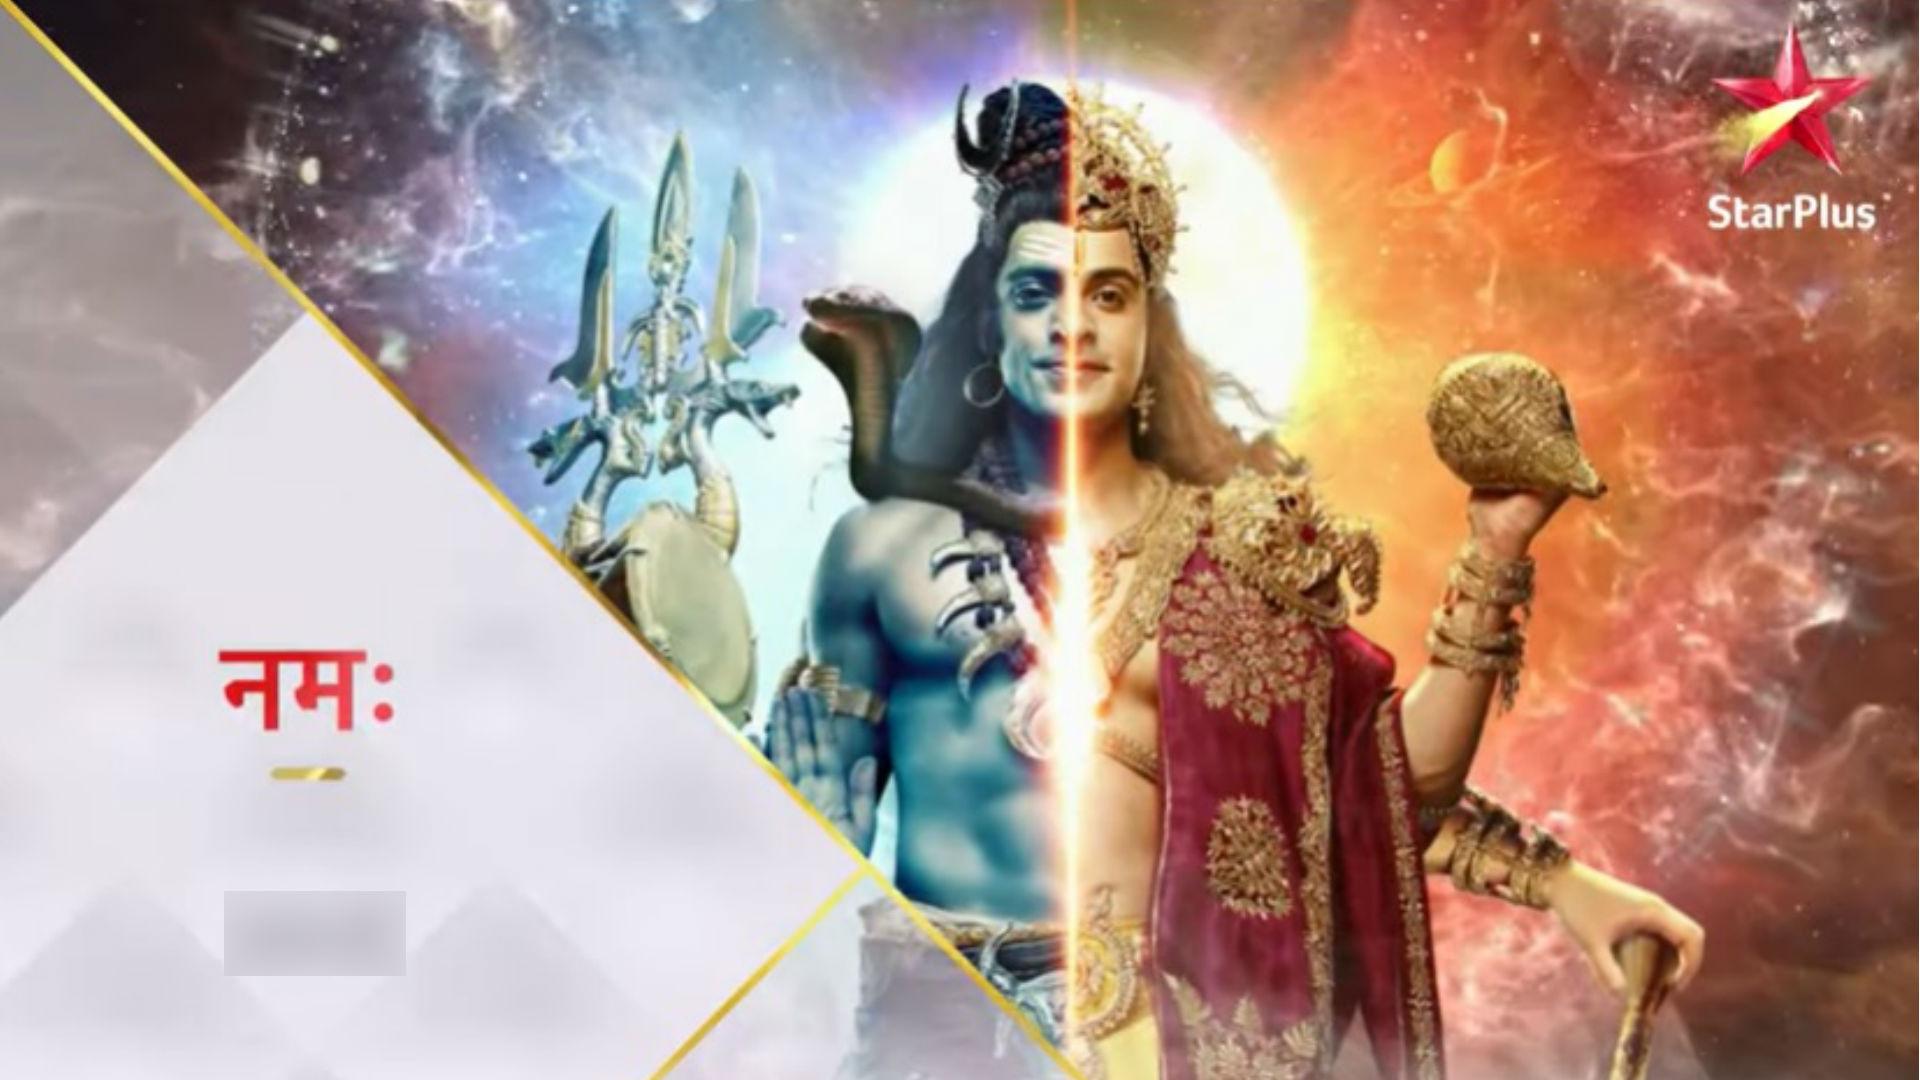 Namah Serial: भगवान शिव और विष्णु की मित्रता पर आधारित है ये सीरियल, VFX पर हर एपिसोड का खर्च 30 लाख